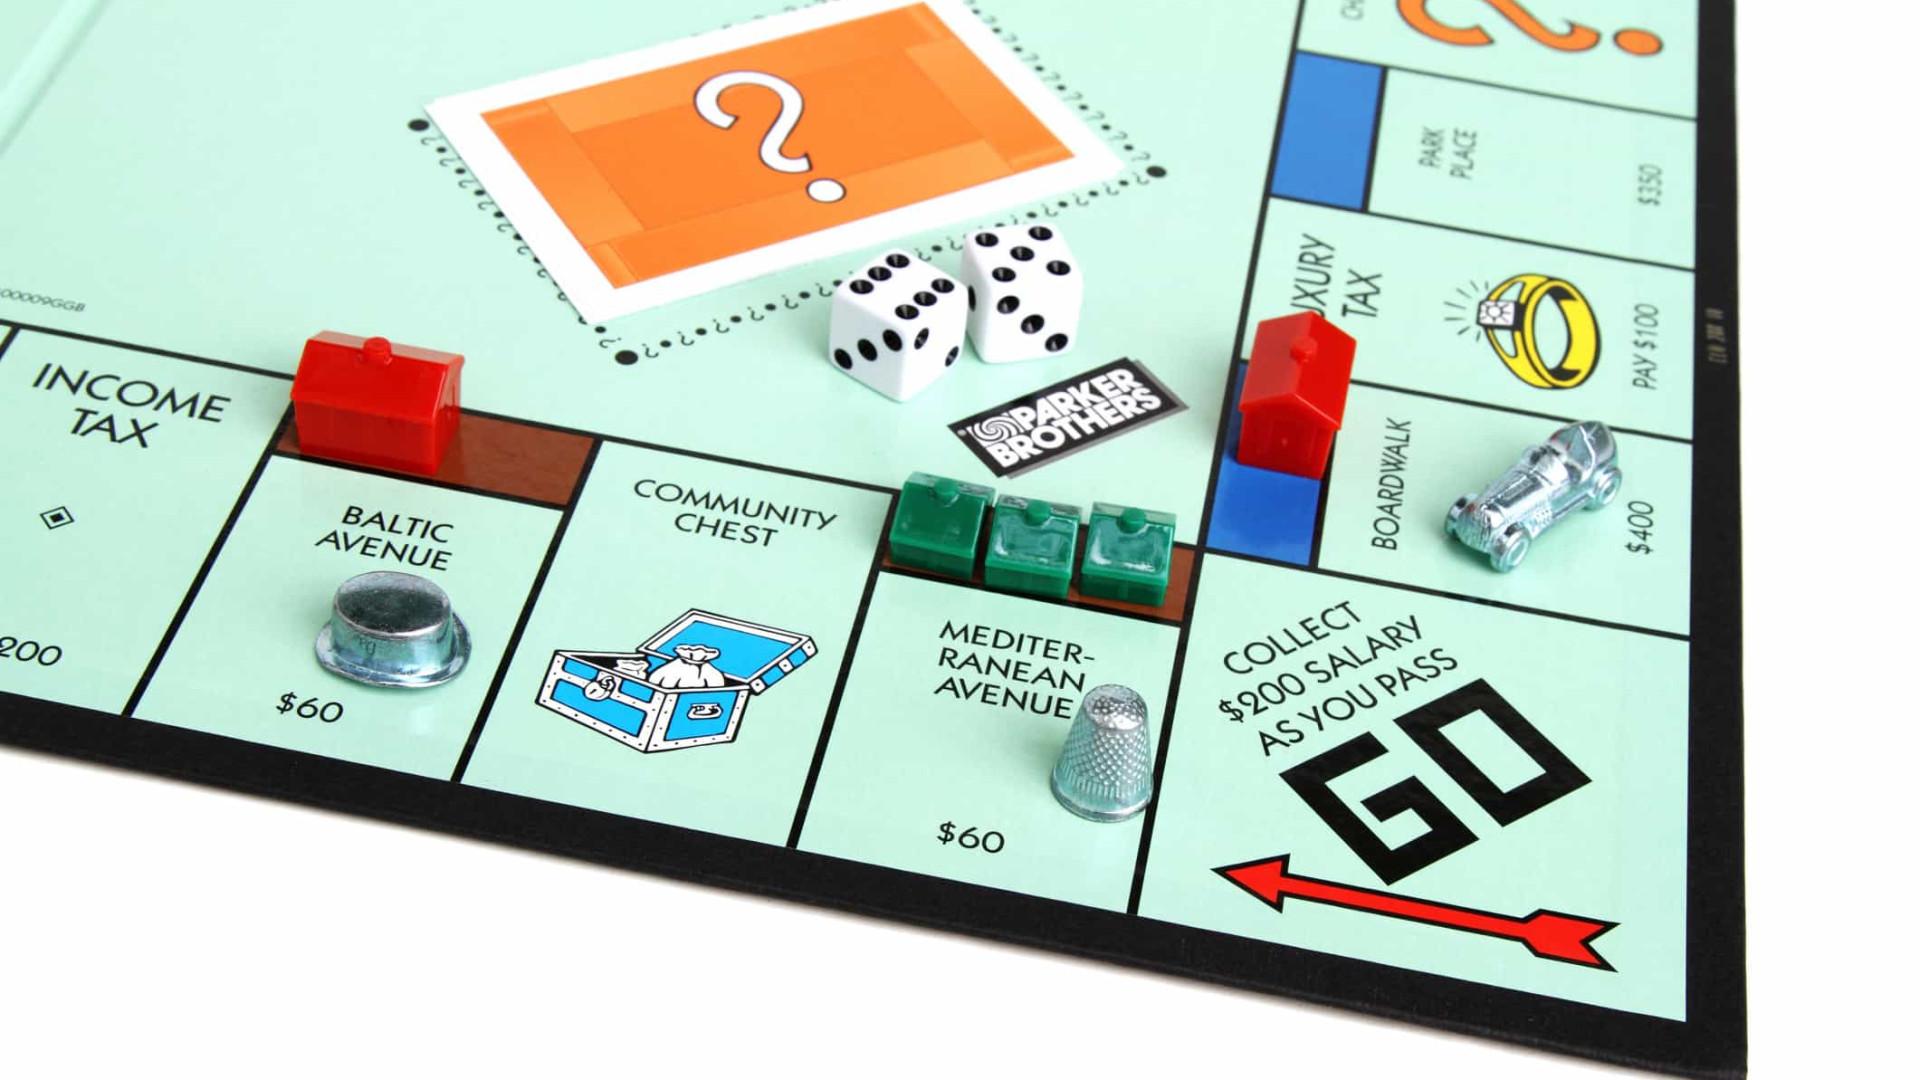 Conhece o Monopólio? Há sete lições financeiras a aprender com o jogo